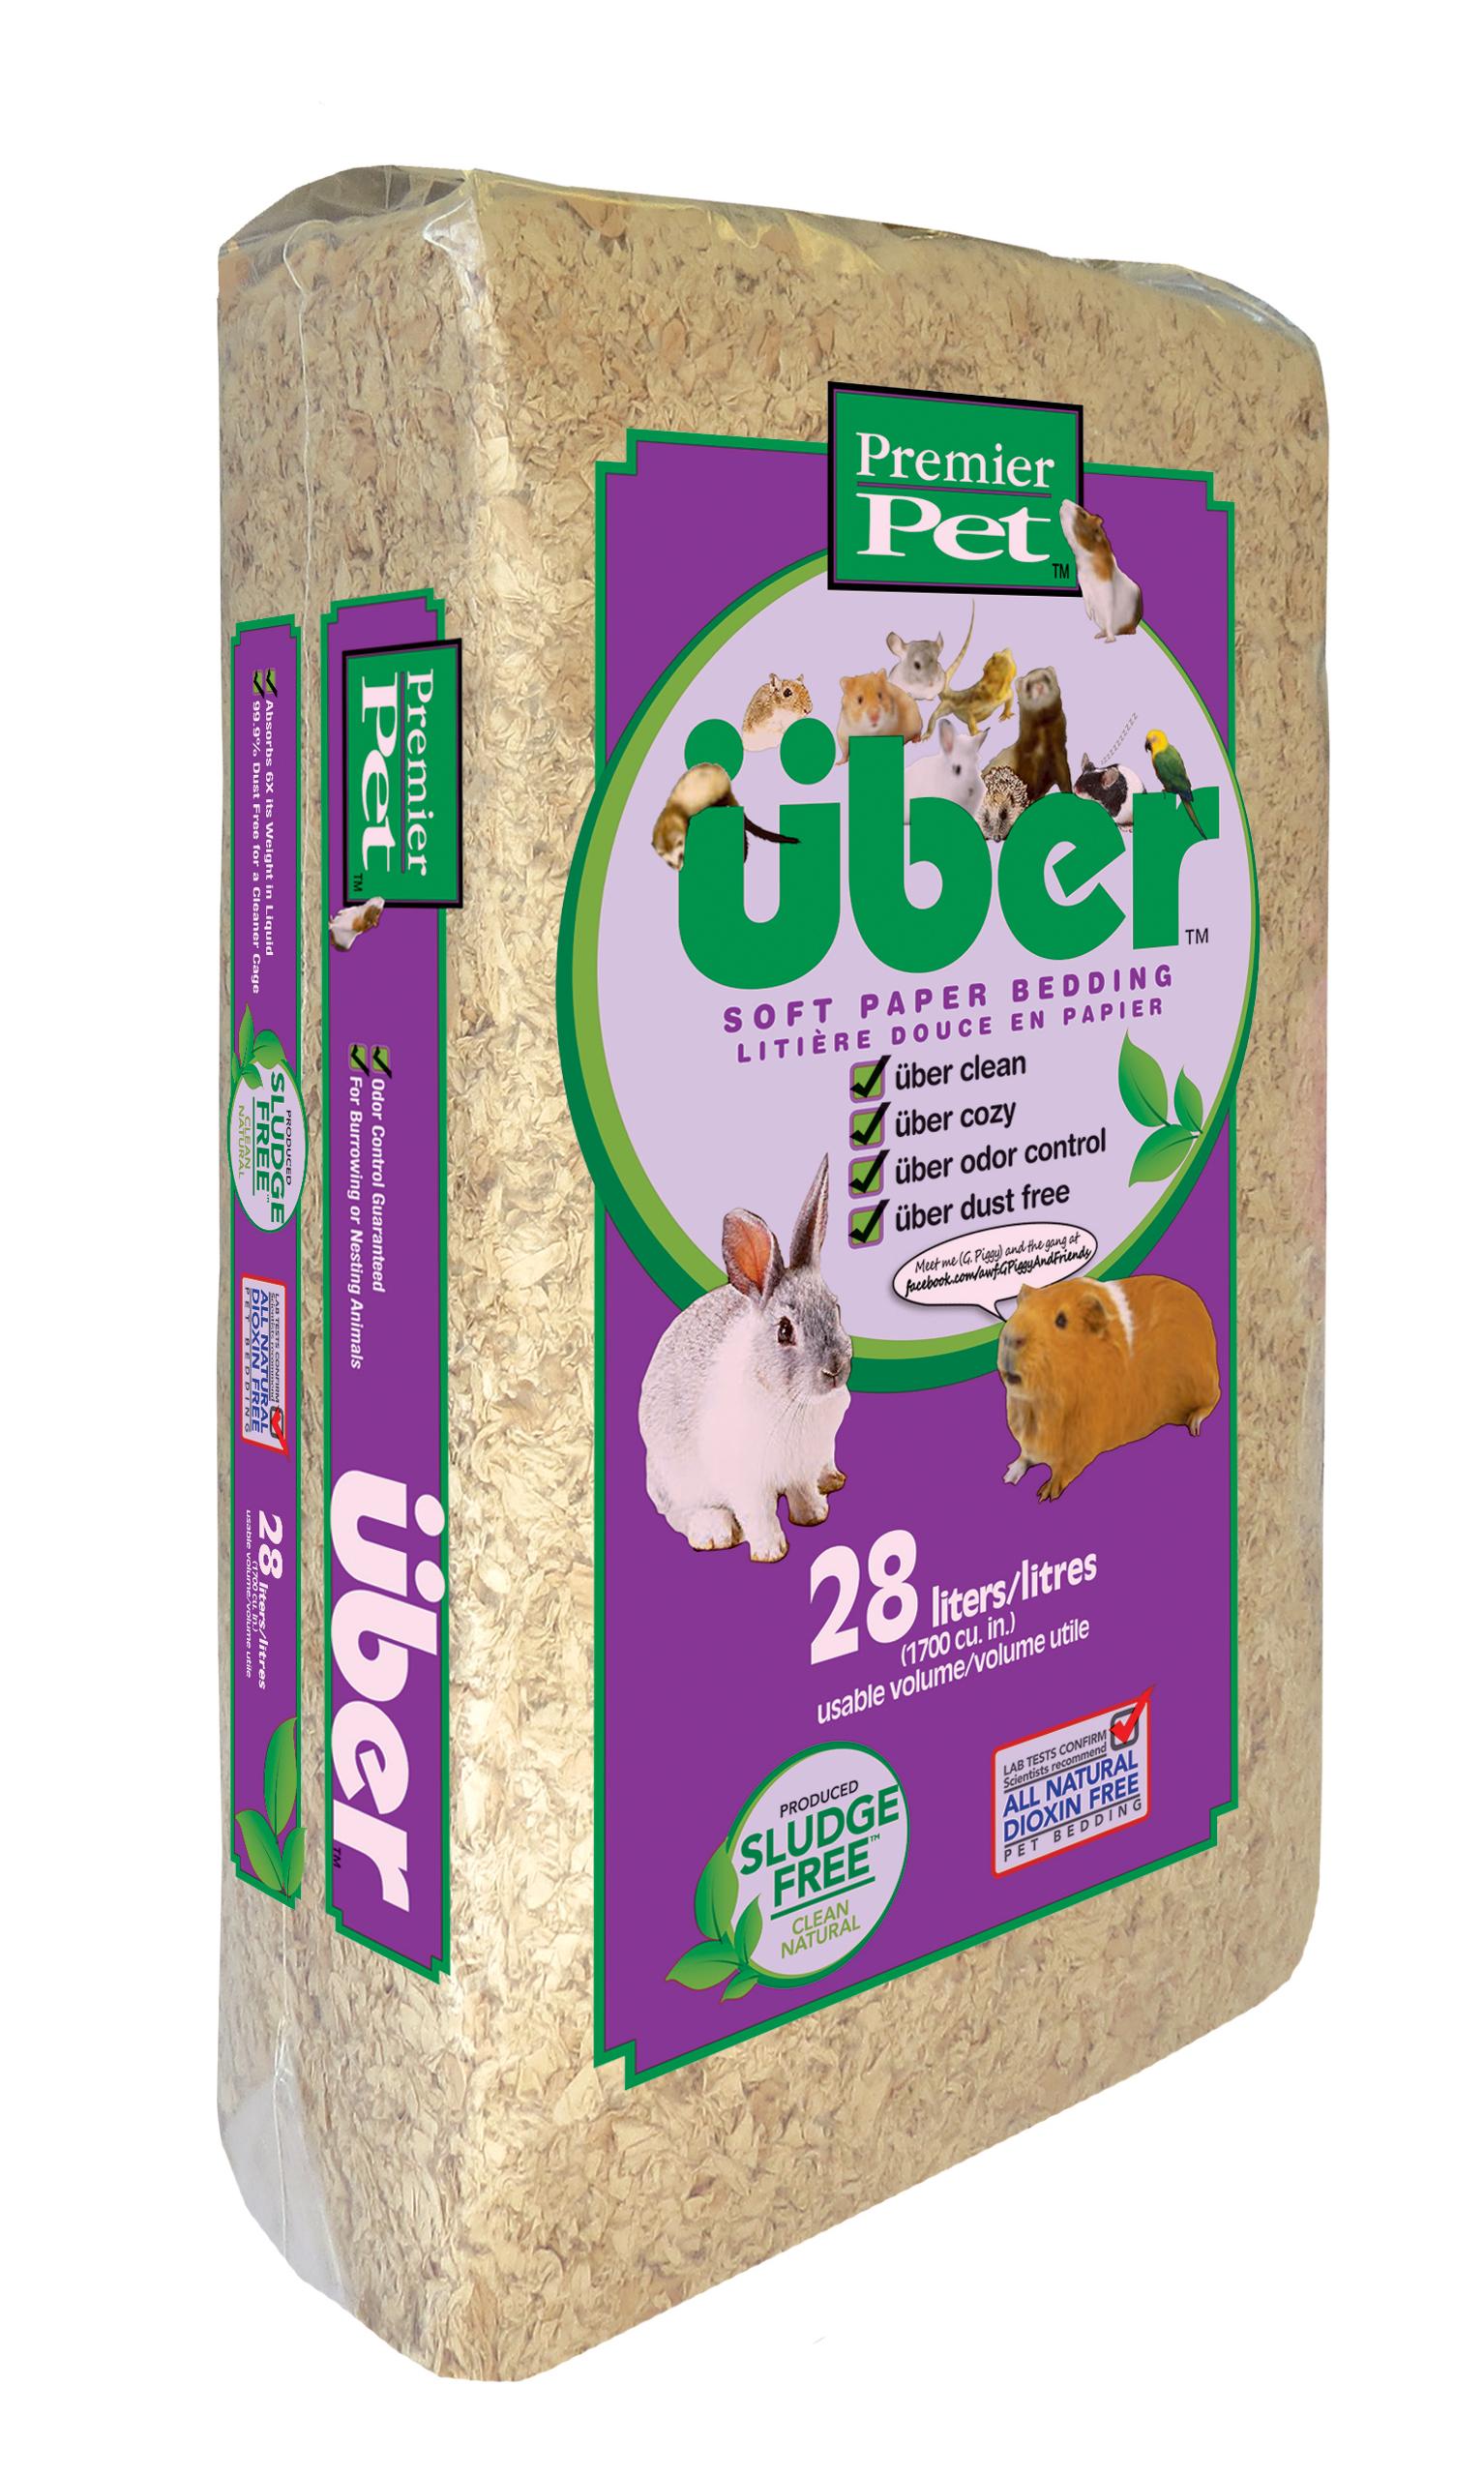 Premier Pet über Soft Paper Bedding Image